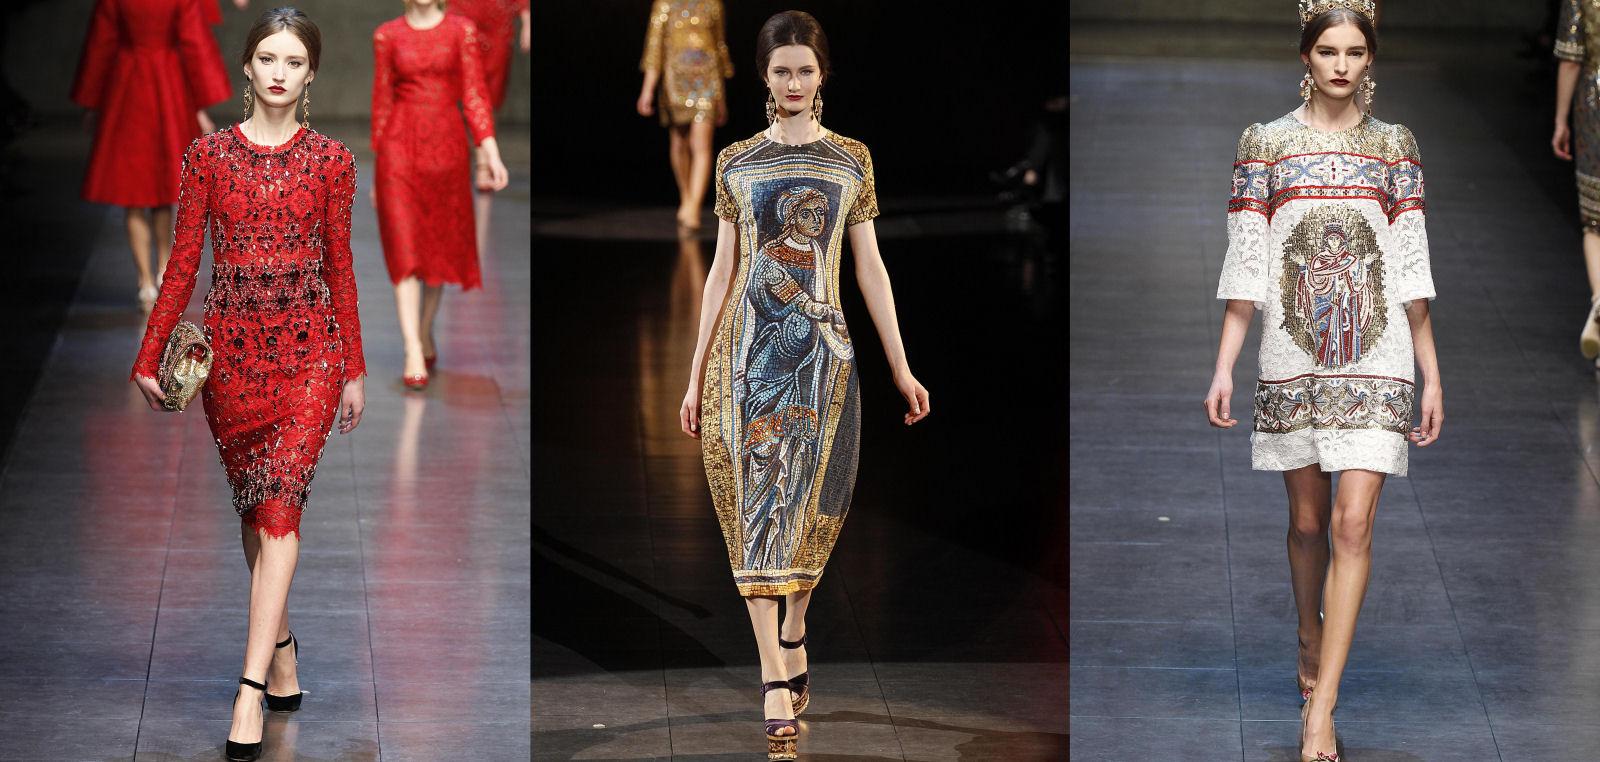 La regina del mosaico di Dolce e Gabbana - Gazzetta del Sud ed2da98909f